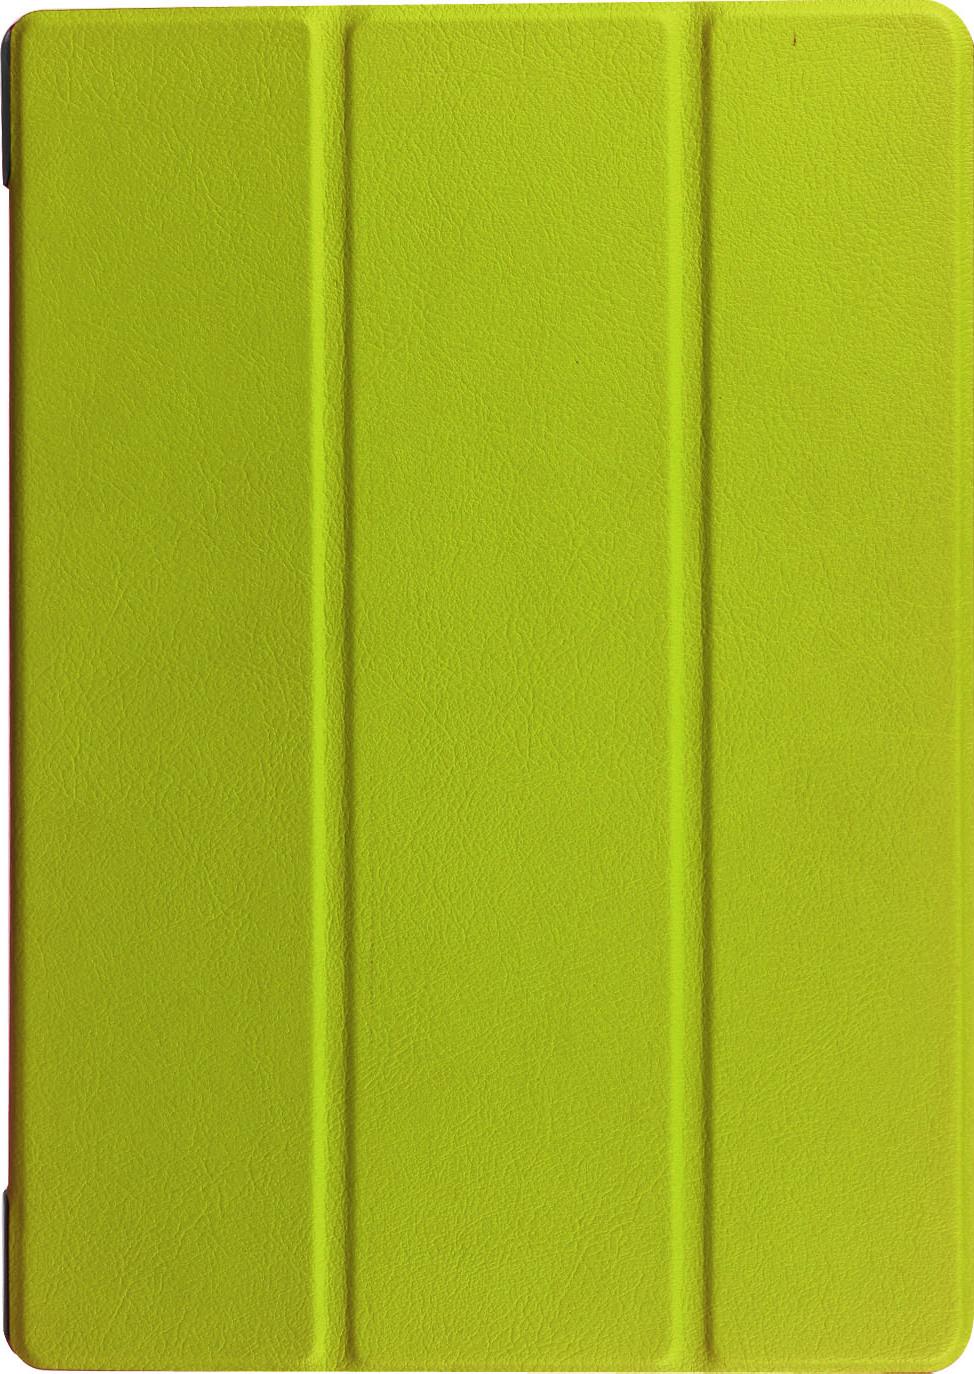 """Чехол-обложка MyPads для Lenovo Tab 3 TB3-850F/M 8.0"""" (ZA180028RU / ZA180059RU) тонкий умный кожаный на пластиковой основе с трансформацией в подставку зеленый"""